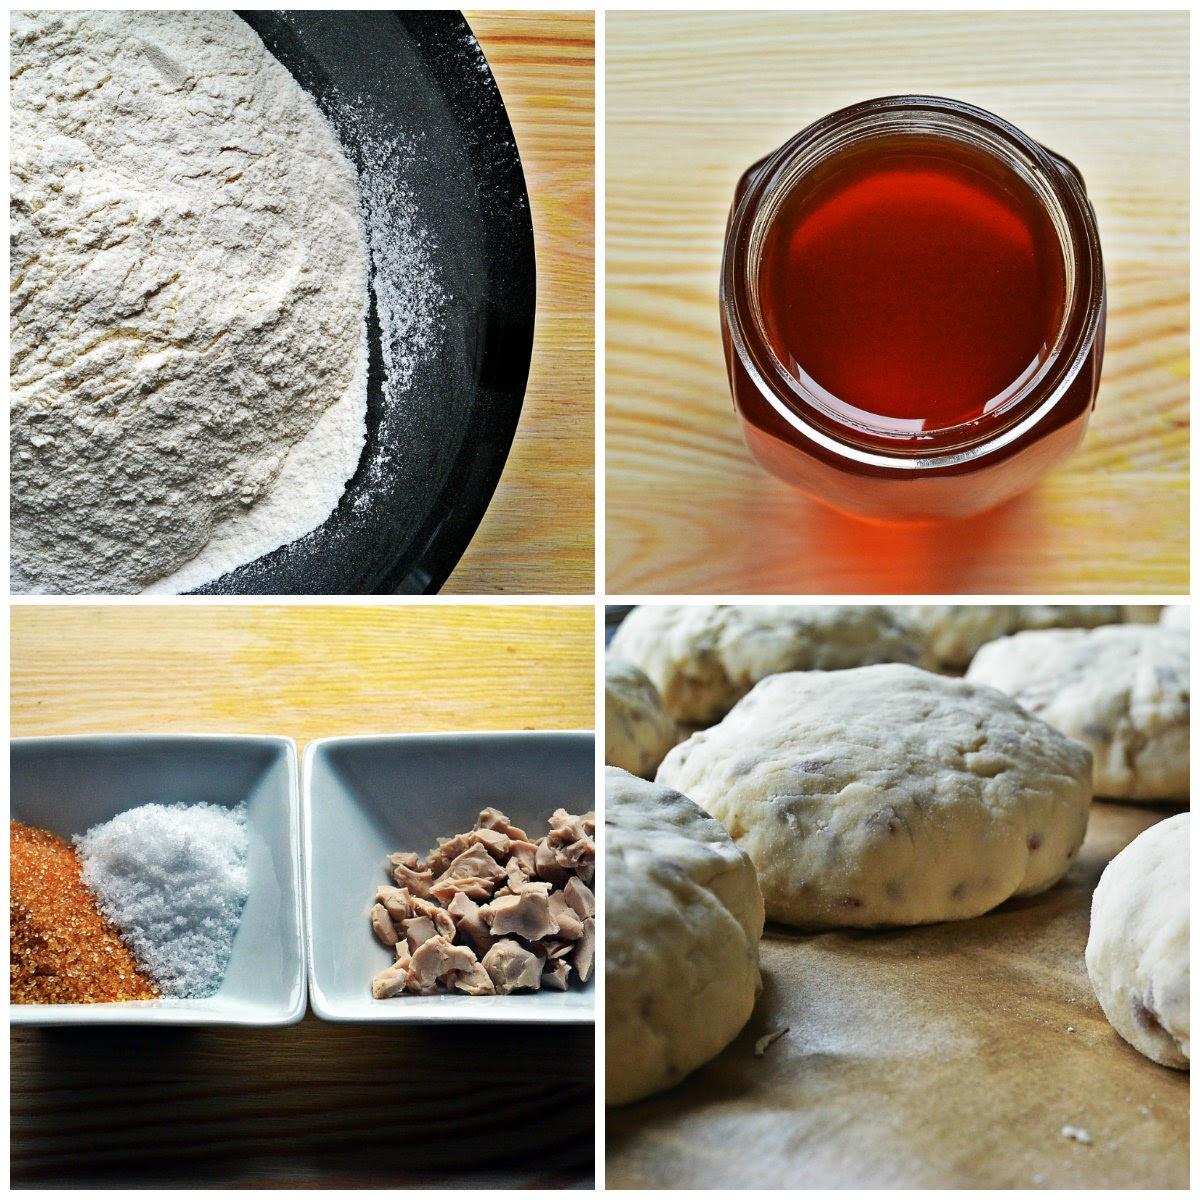 Bułeczki z siemieniem lnianym - składniki